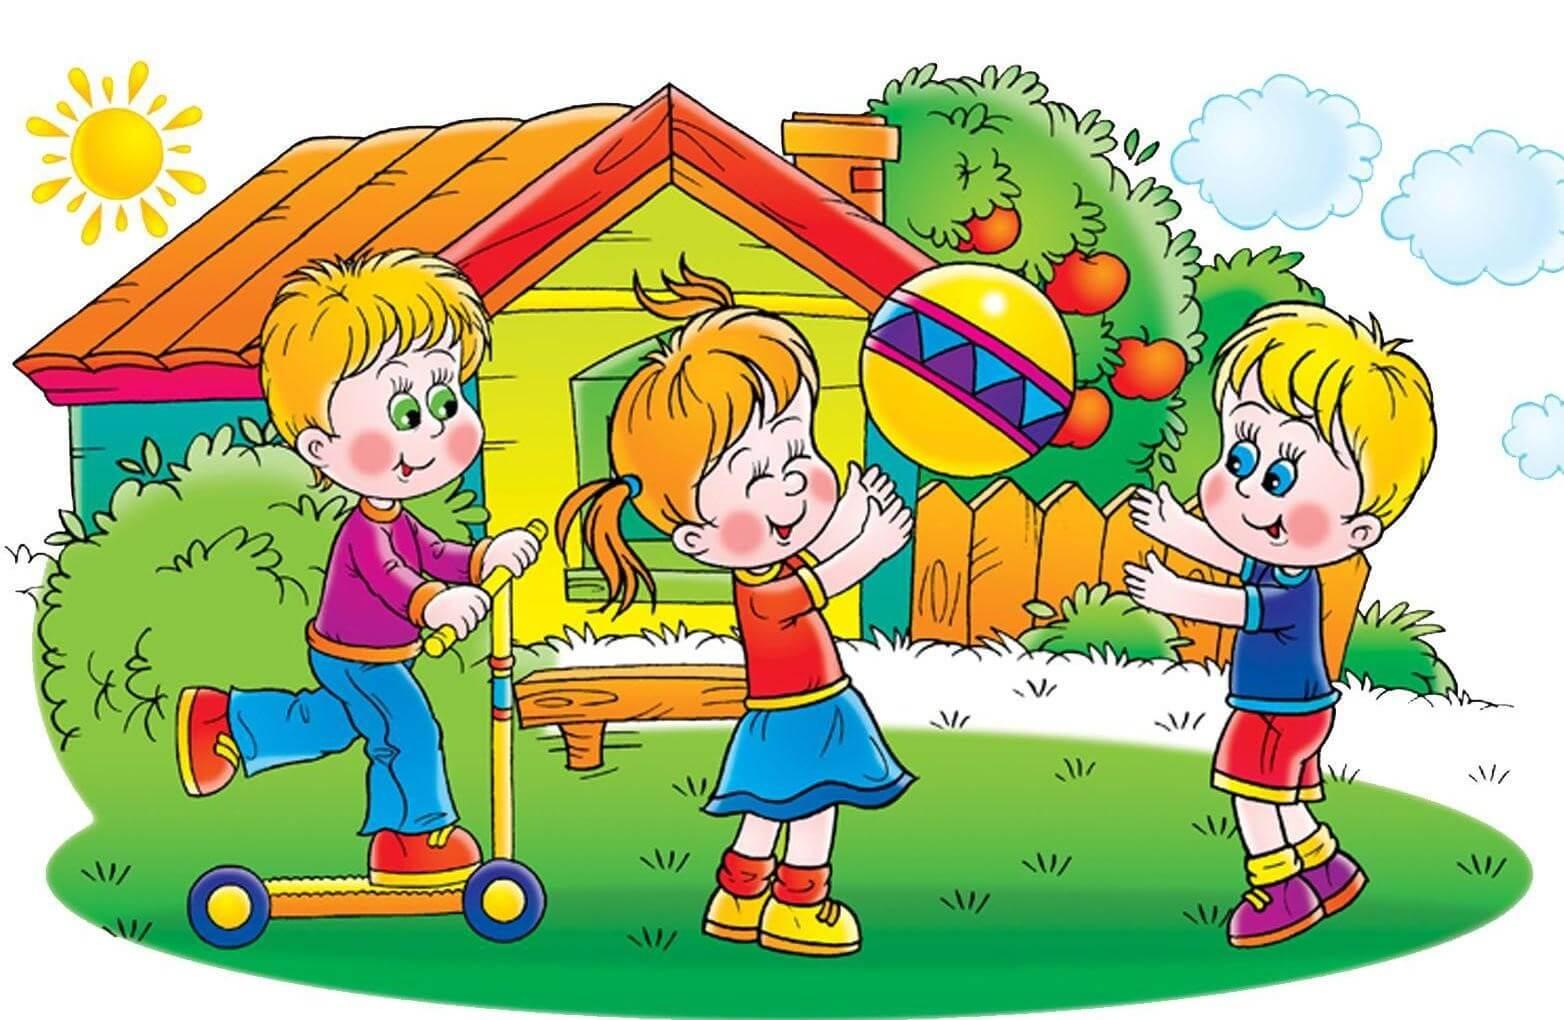 Картинки про детей в детском саду - рисунки, арты 2